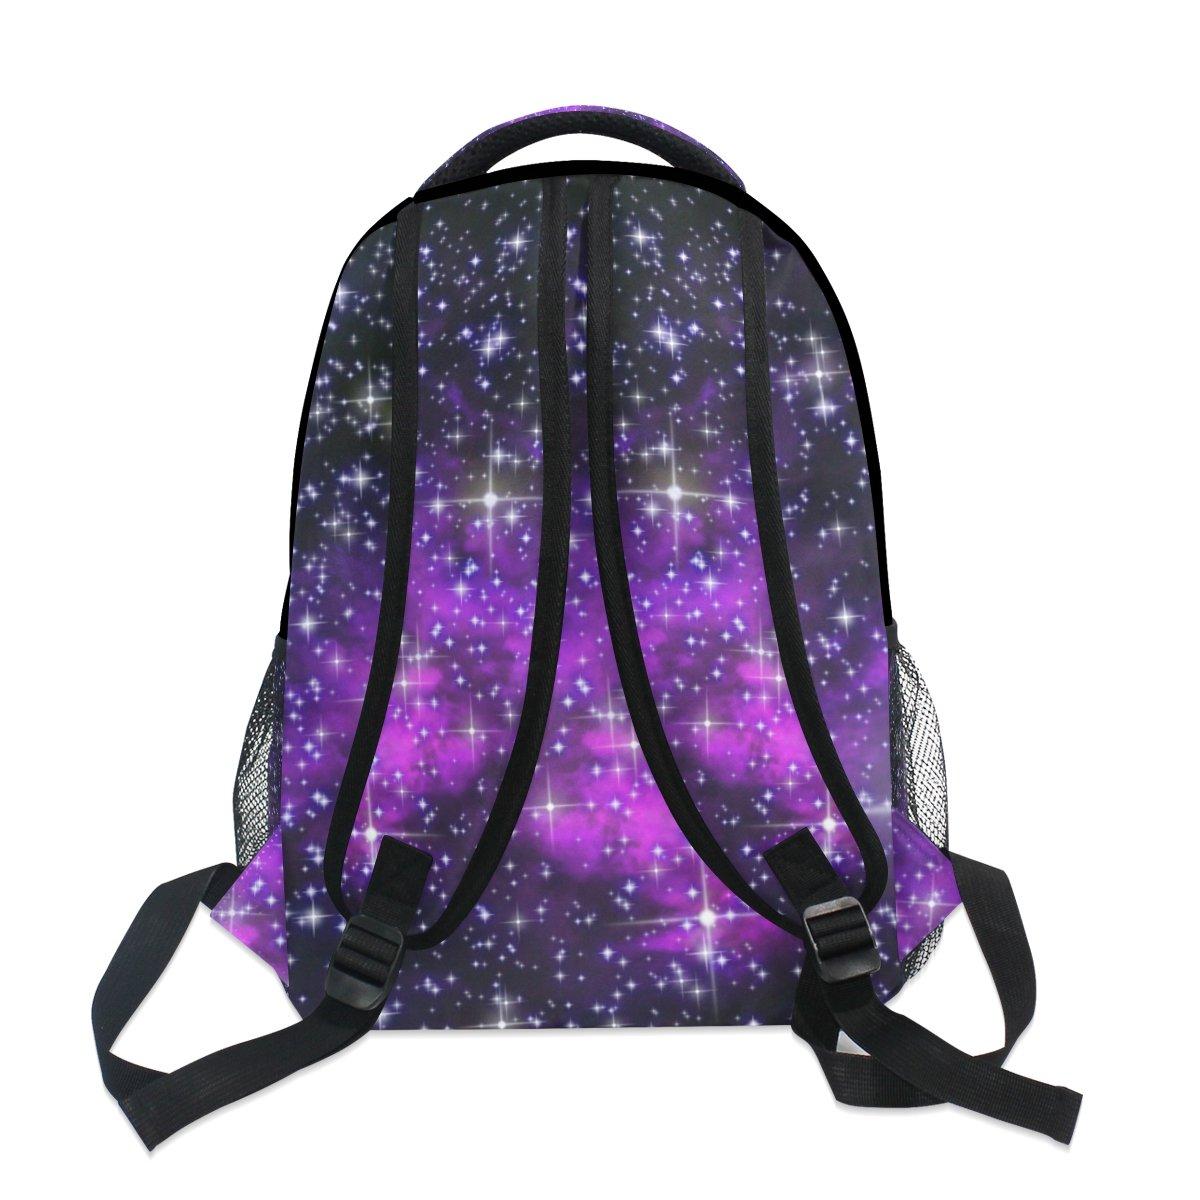 ZZKKO Starry Night Space Star Nebula Mochilas Colegio Libro Bolsa de viaje Senderismo Camping Daypack: Amazon.es: Deportes y aire libre